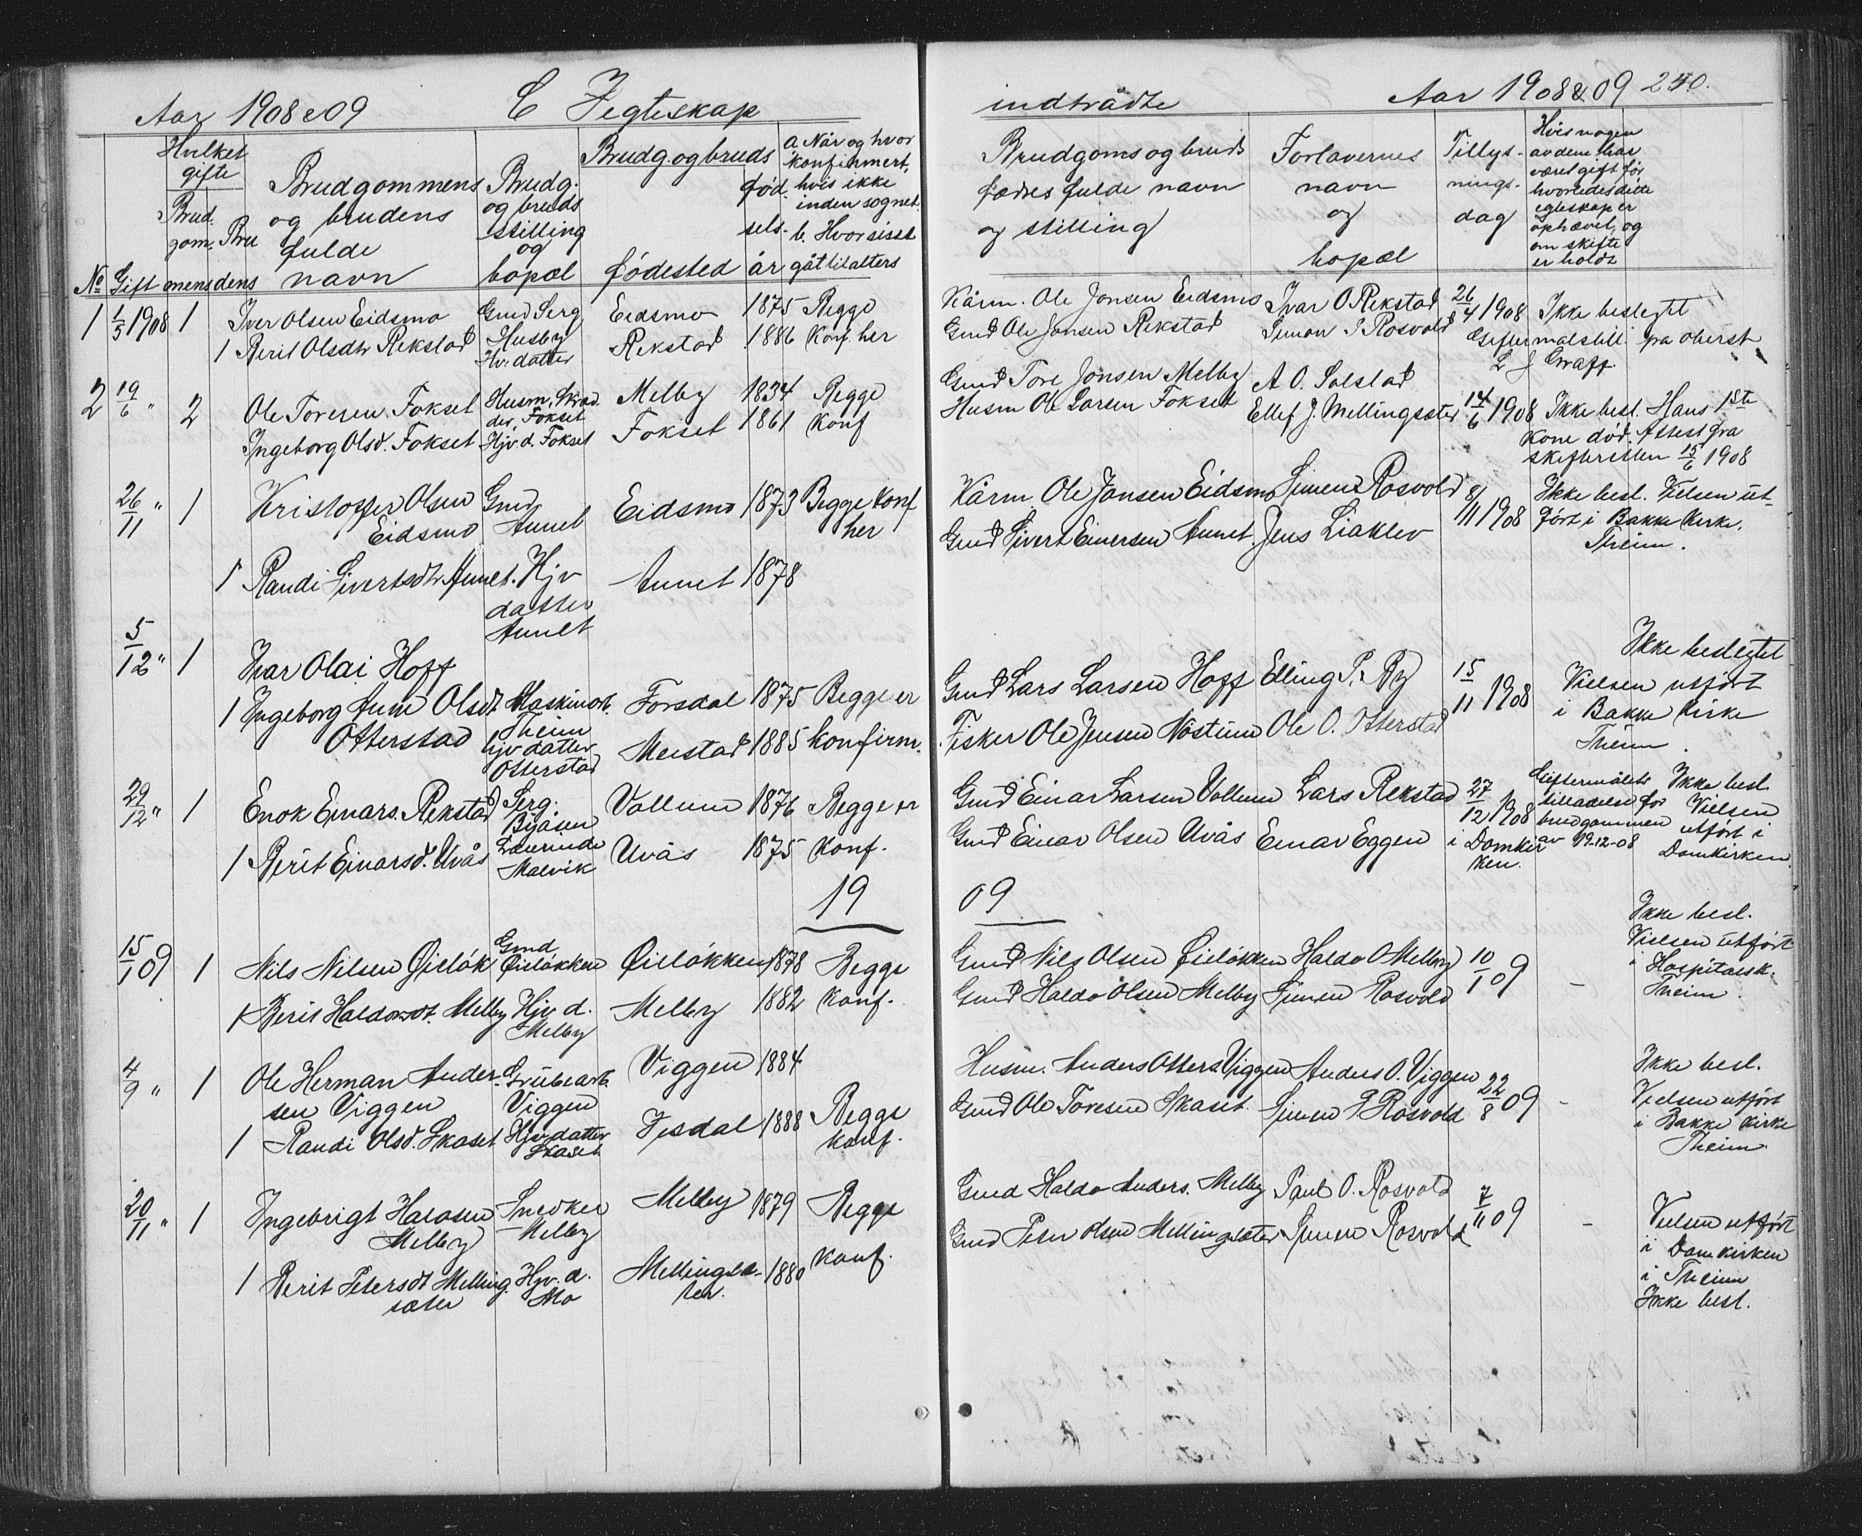 SAT, Ministerialprotokoller, klokkerbøker og fødselsregistre - Sør-Trøndelag, 667/L0798: Klokkerbok nr. 667C03, 1867-1929, s. 250